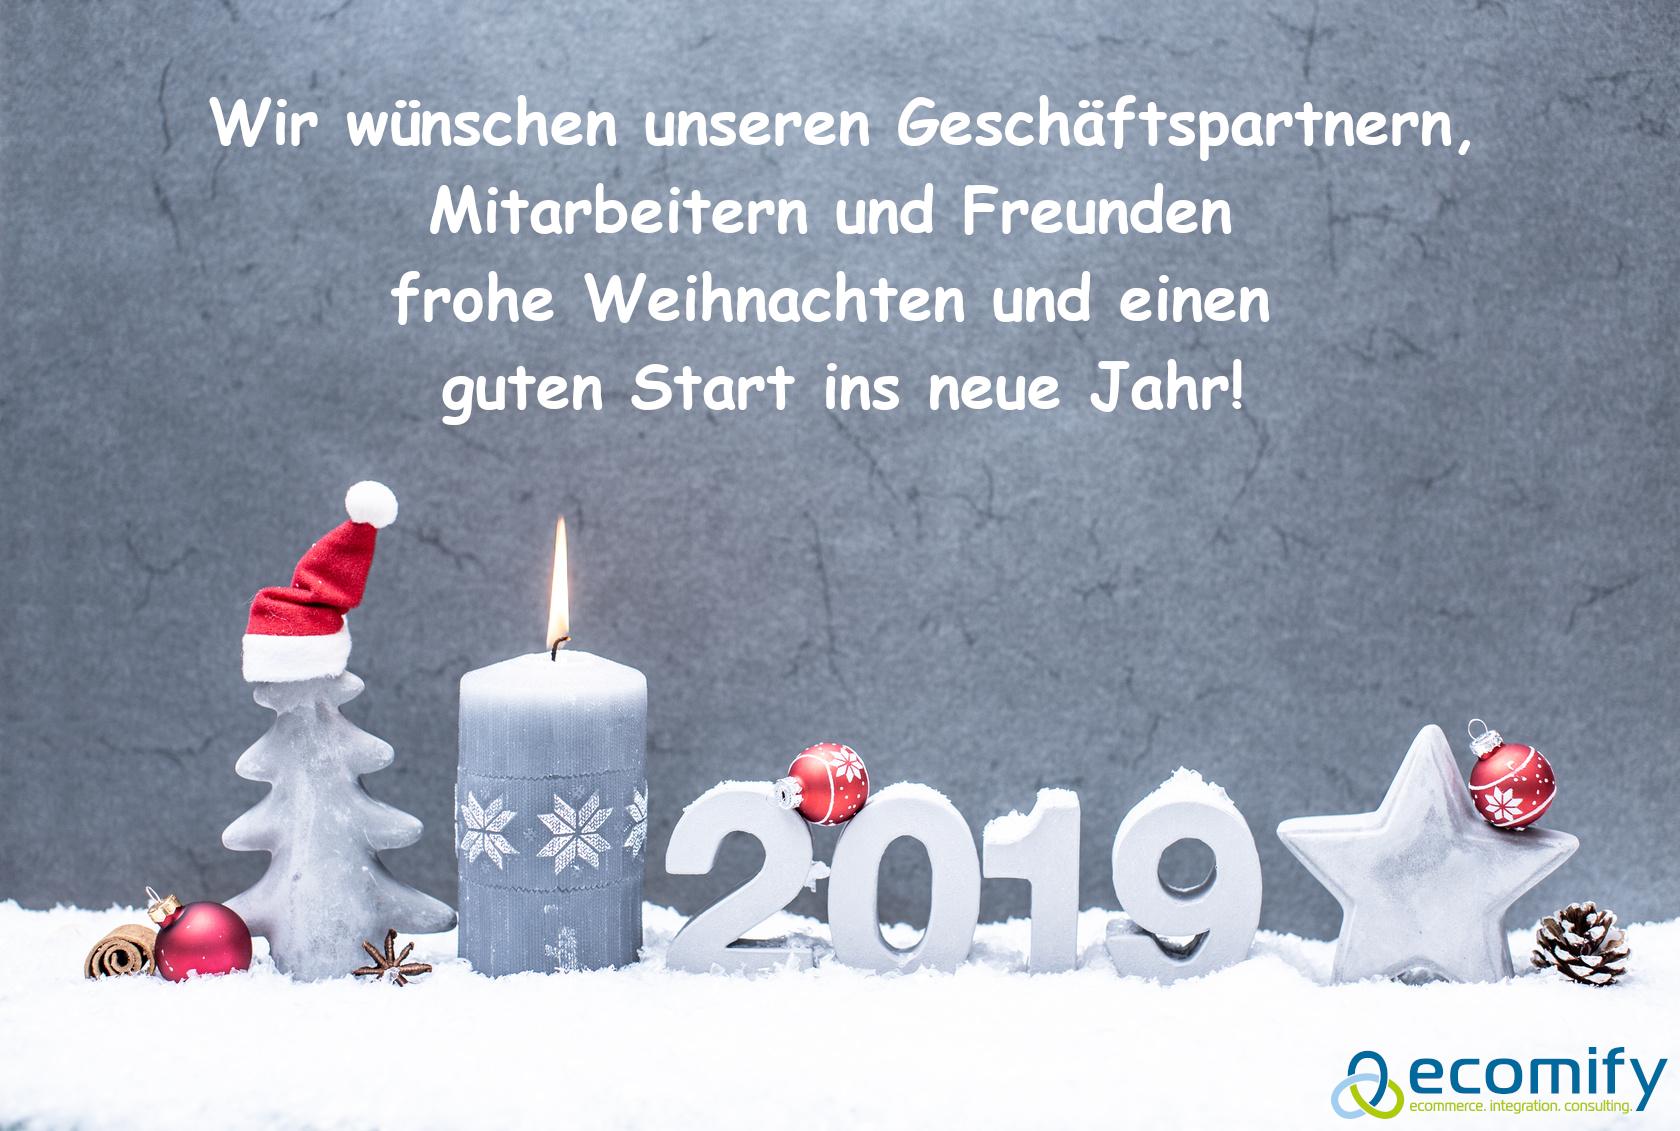 Wir wünschen unseren Geschäftspartnern, Mitarbeitern und Freunden frohe Weihnachten und einen guten Start ins neue Jahr!